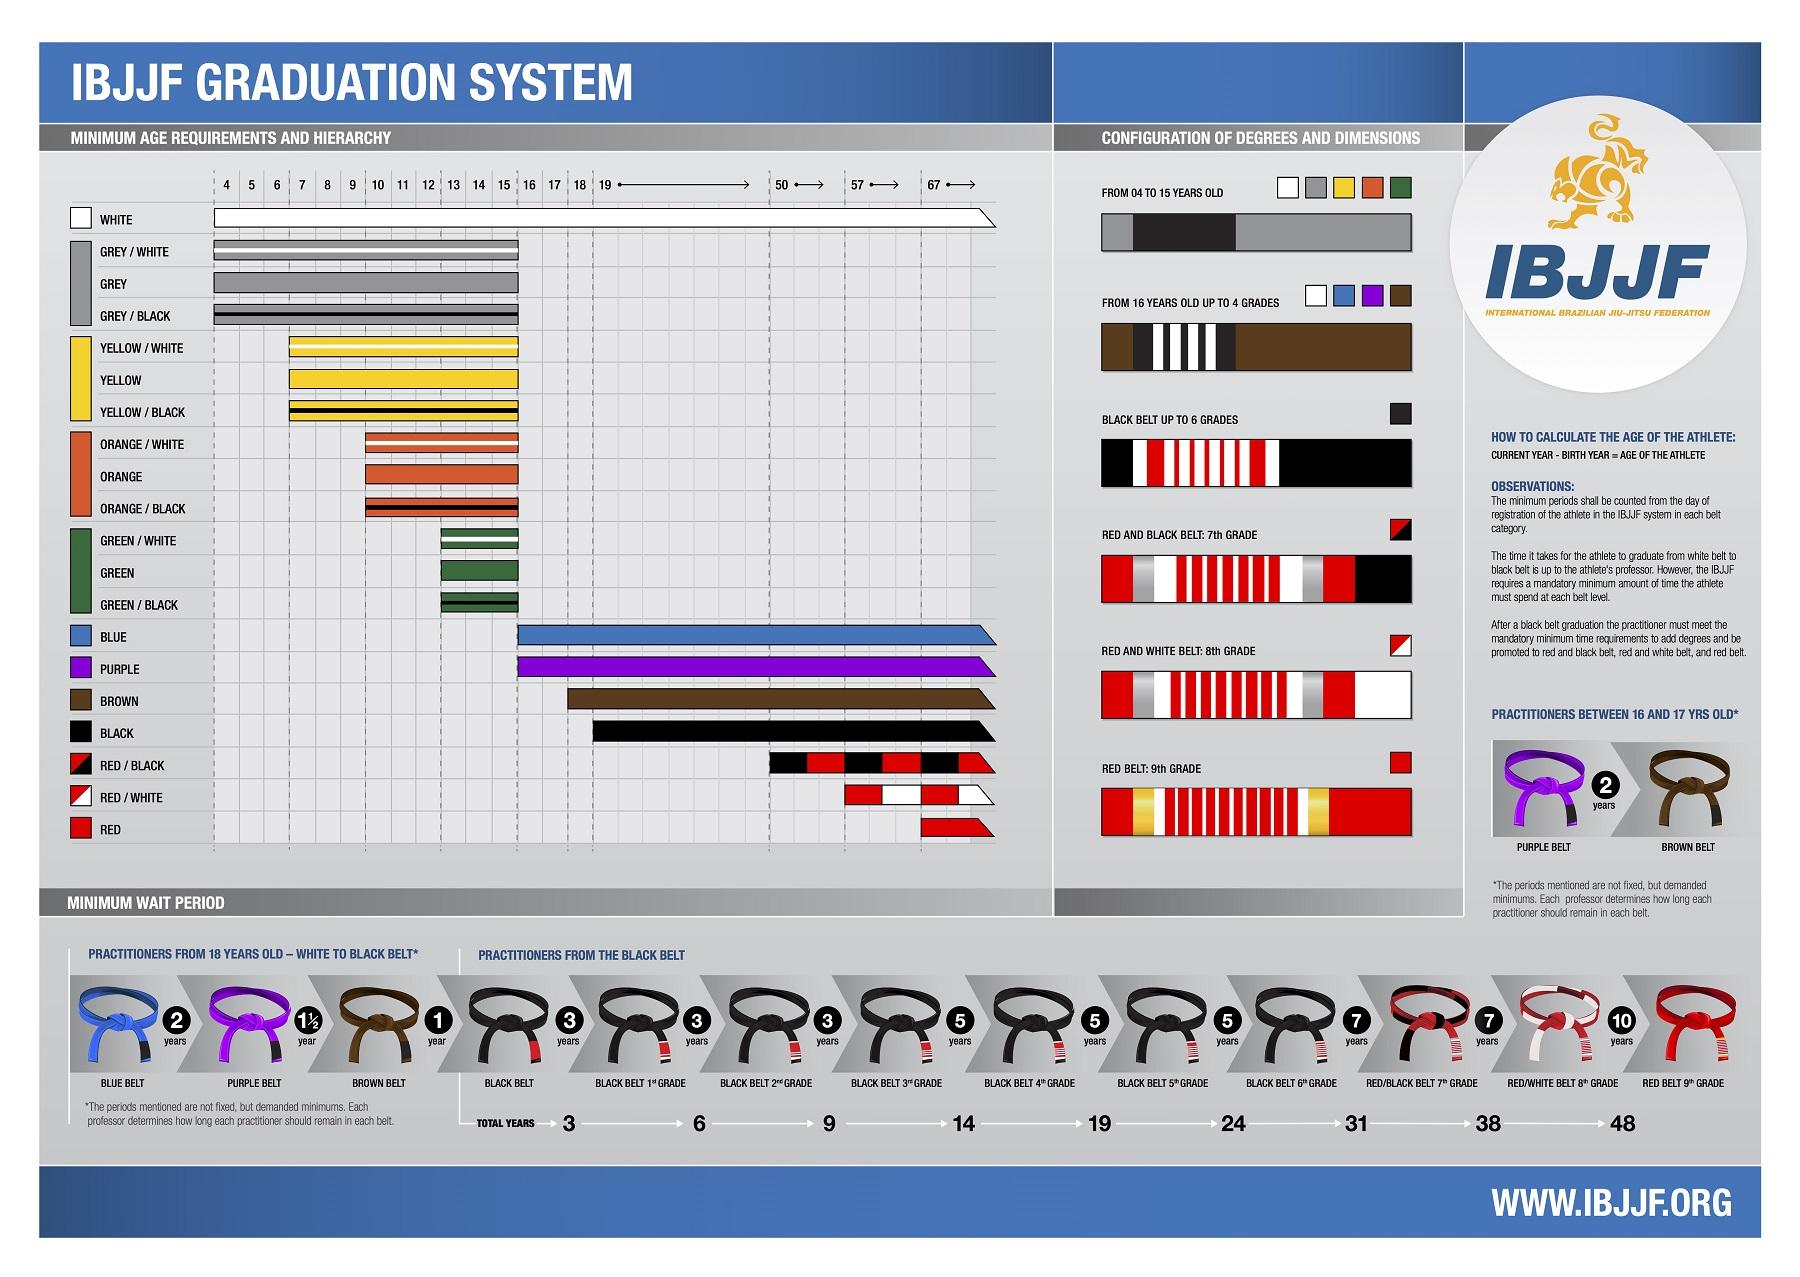 2016-IBJJF-Graduation-System-Poster_M.jpg